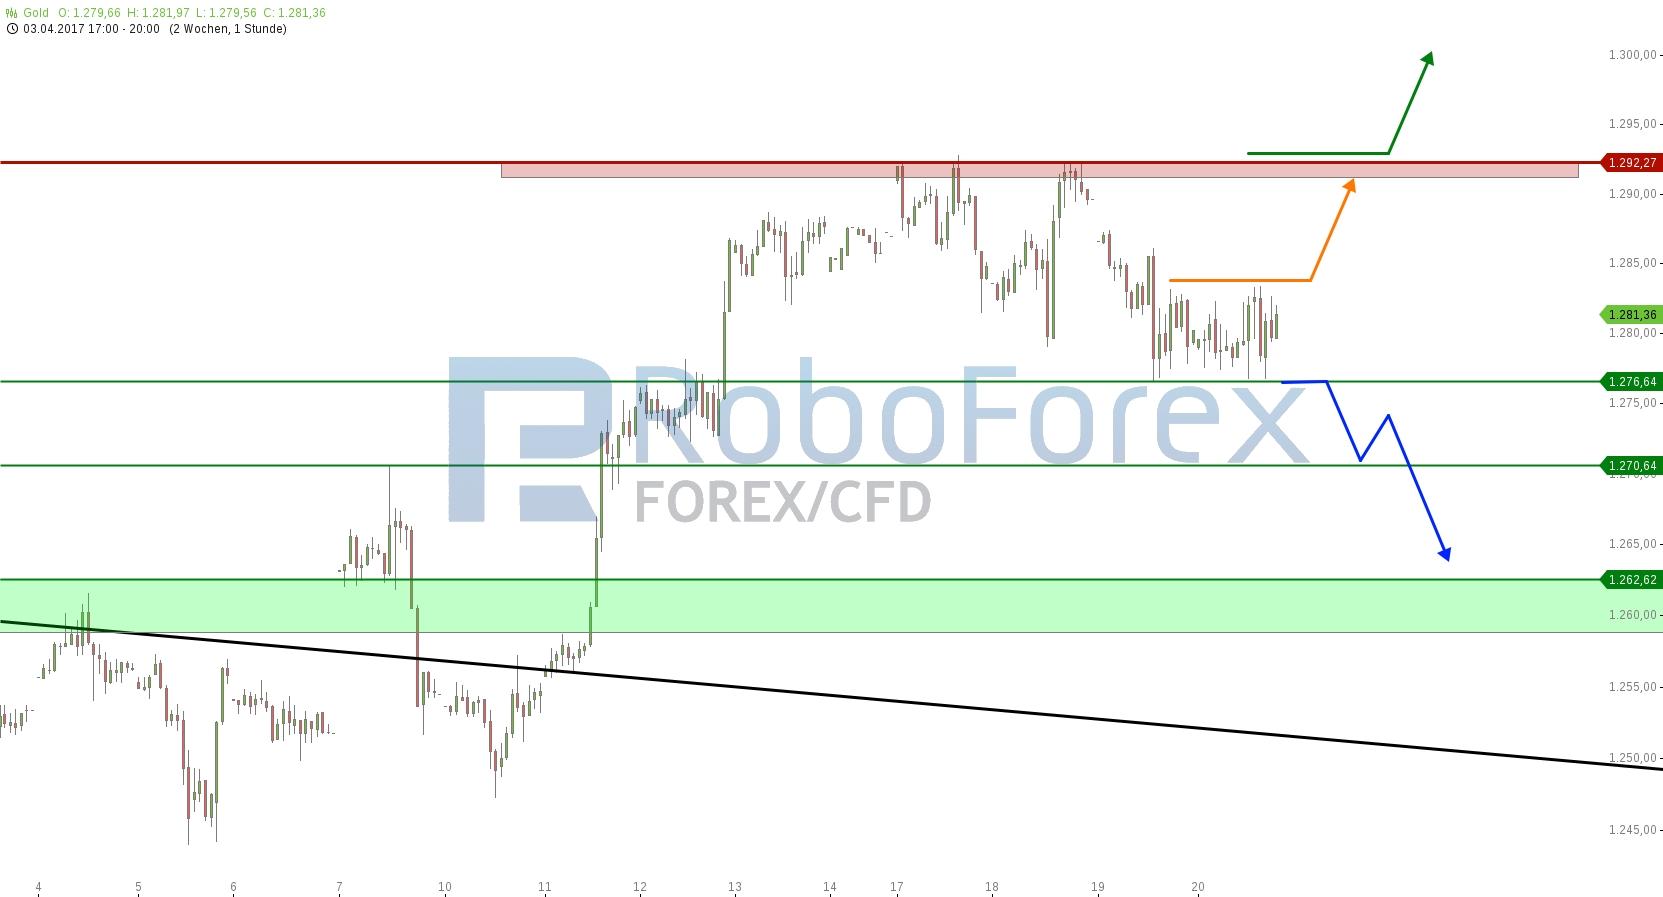 chart-20042017-2018-gold-roboforex.jpg